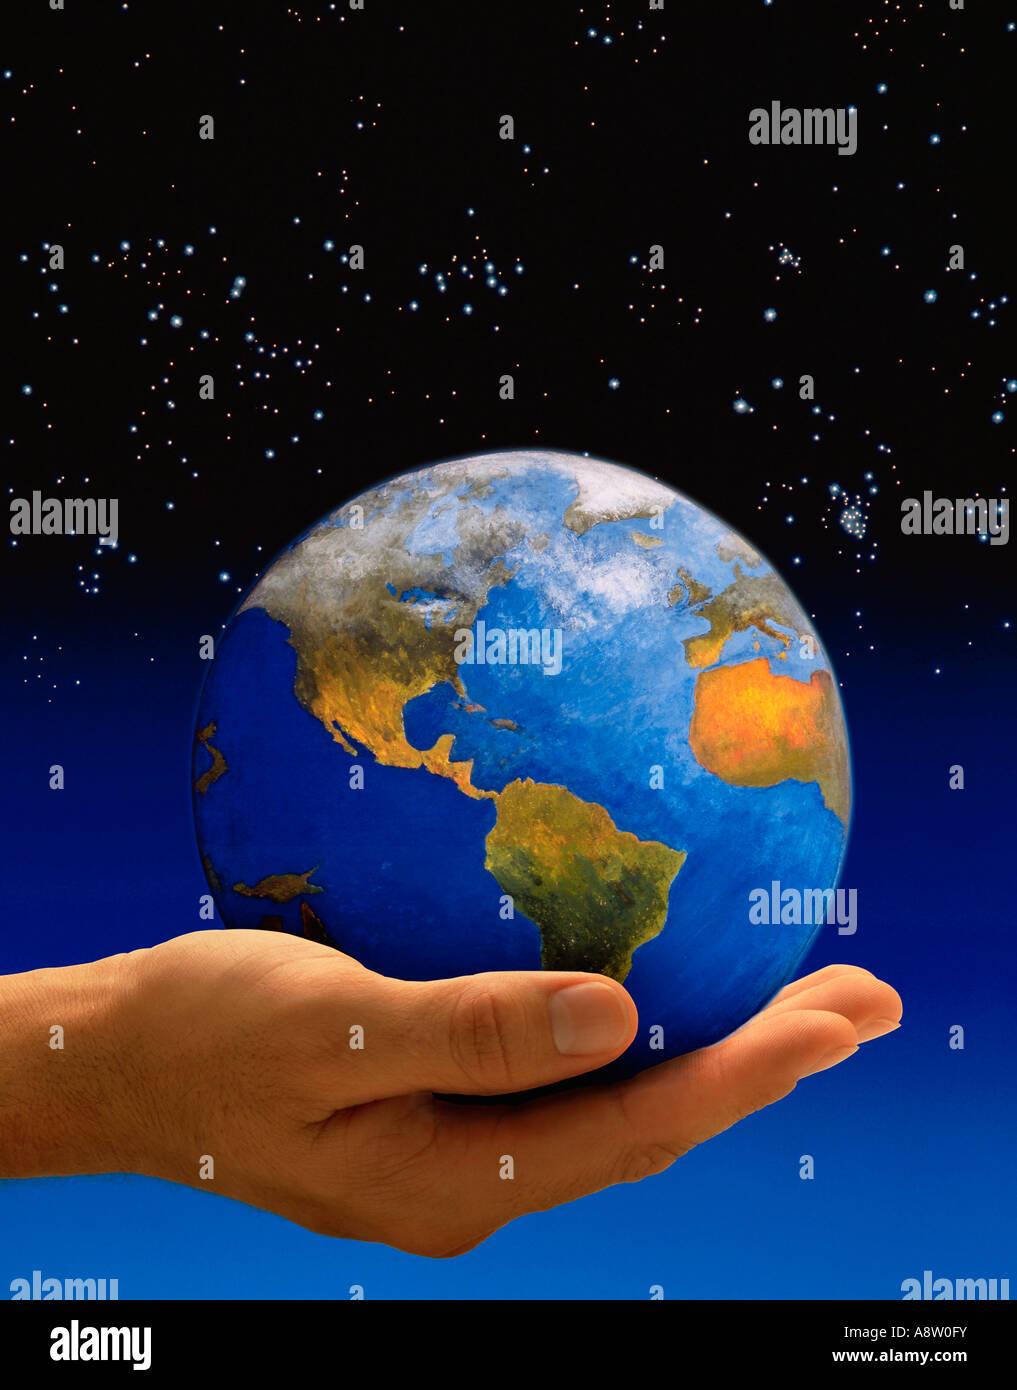 Montage Concept de la planète terre globe tenue en paume de main d'homme. Banque D'Images